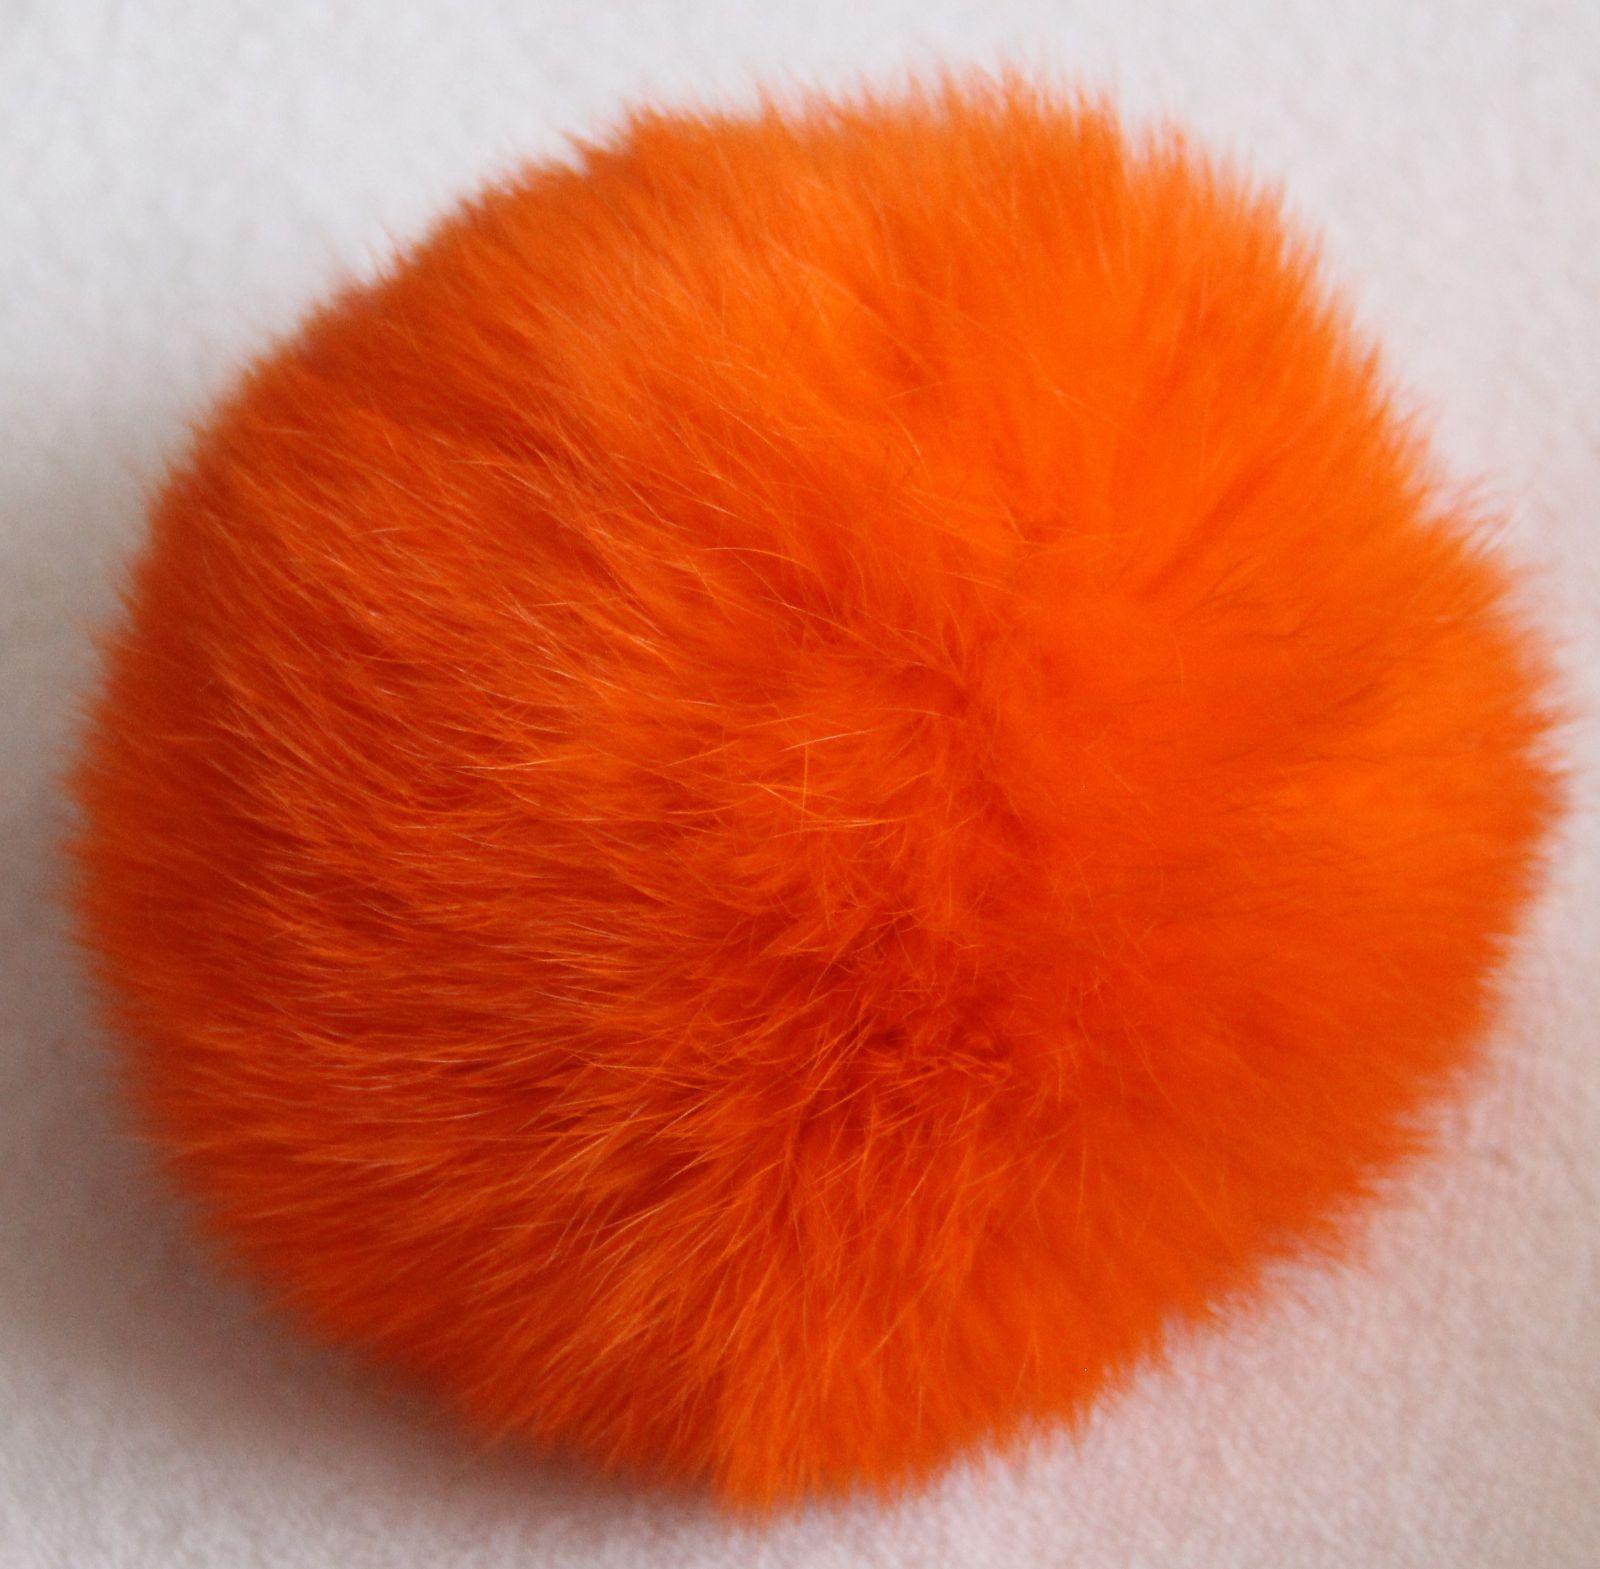 Bambule králík 8cm s poutkem a kroužkem 09 oranžová